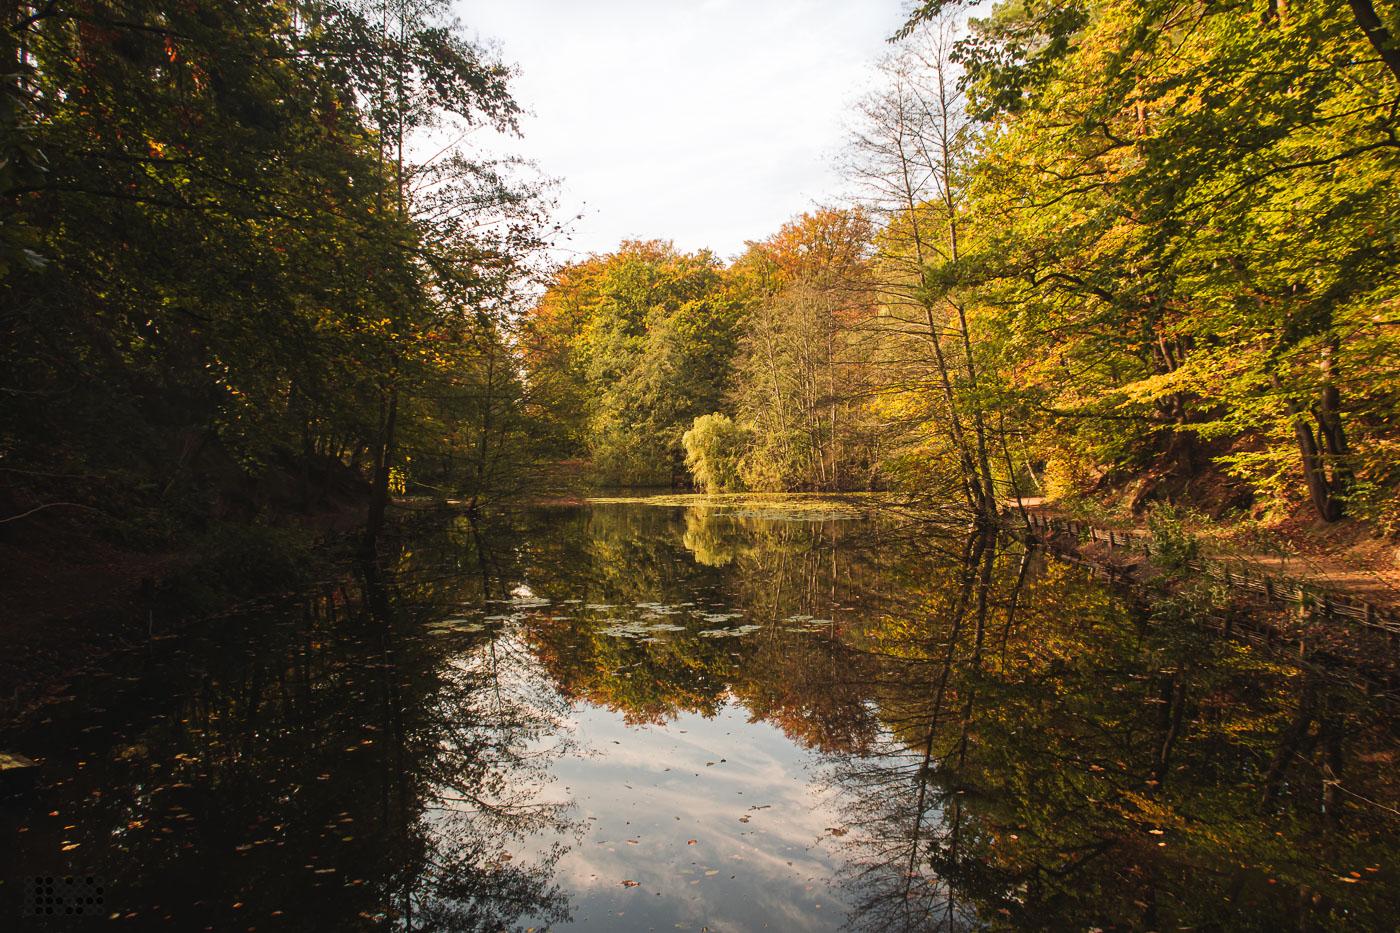 Teich im Herbstwald. Eine Insel spiegelt sich im Wasser. Die Blätter haben bunte Herbstfarben.